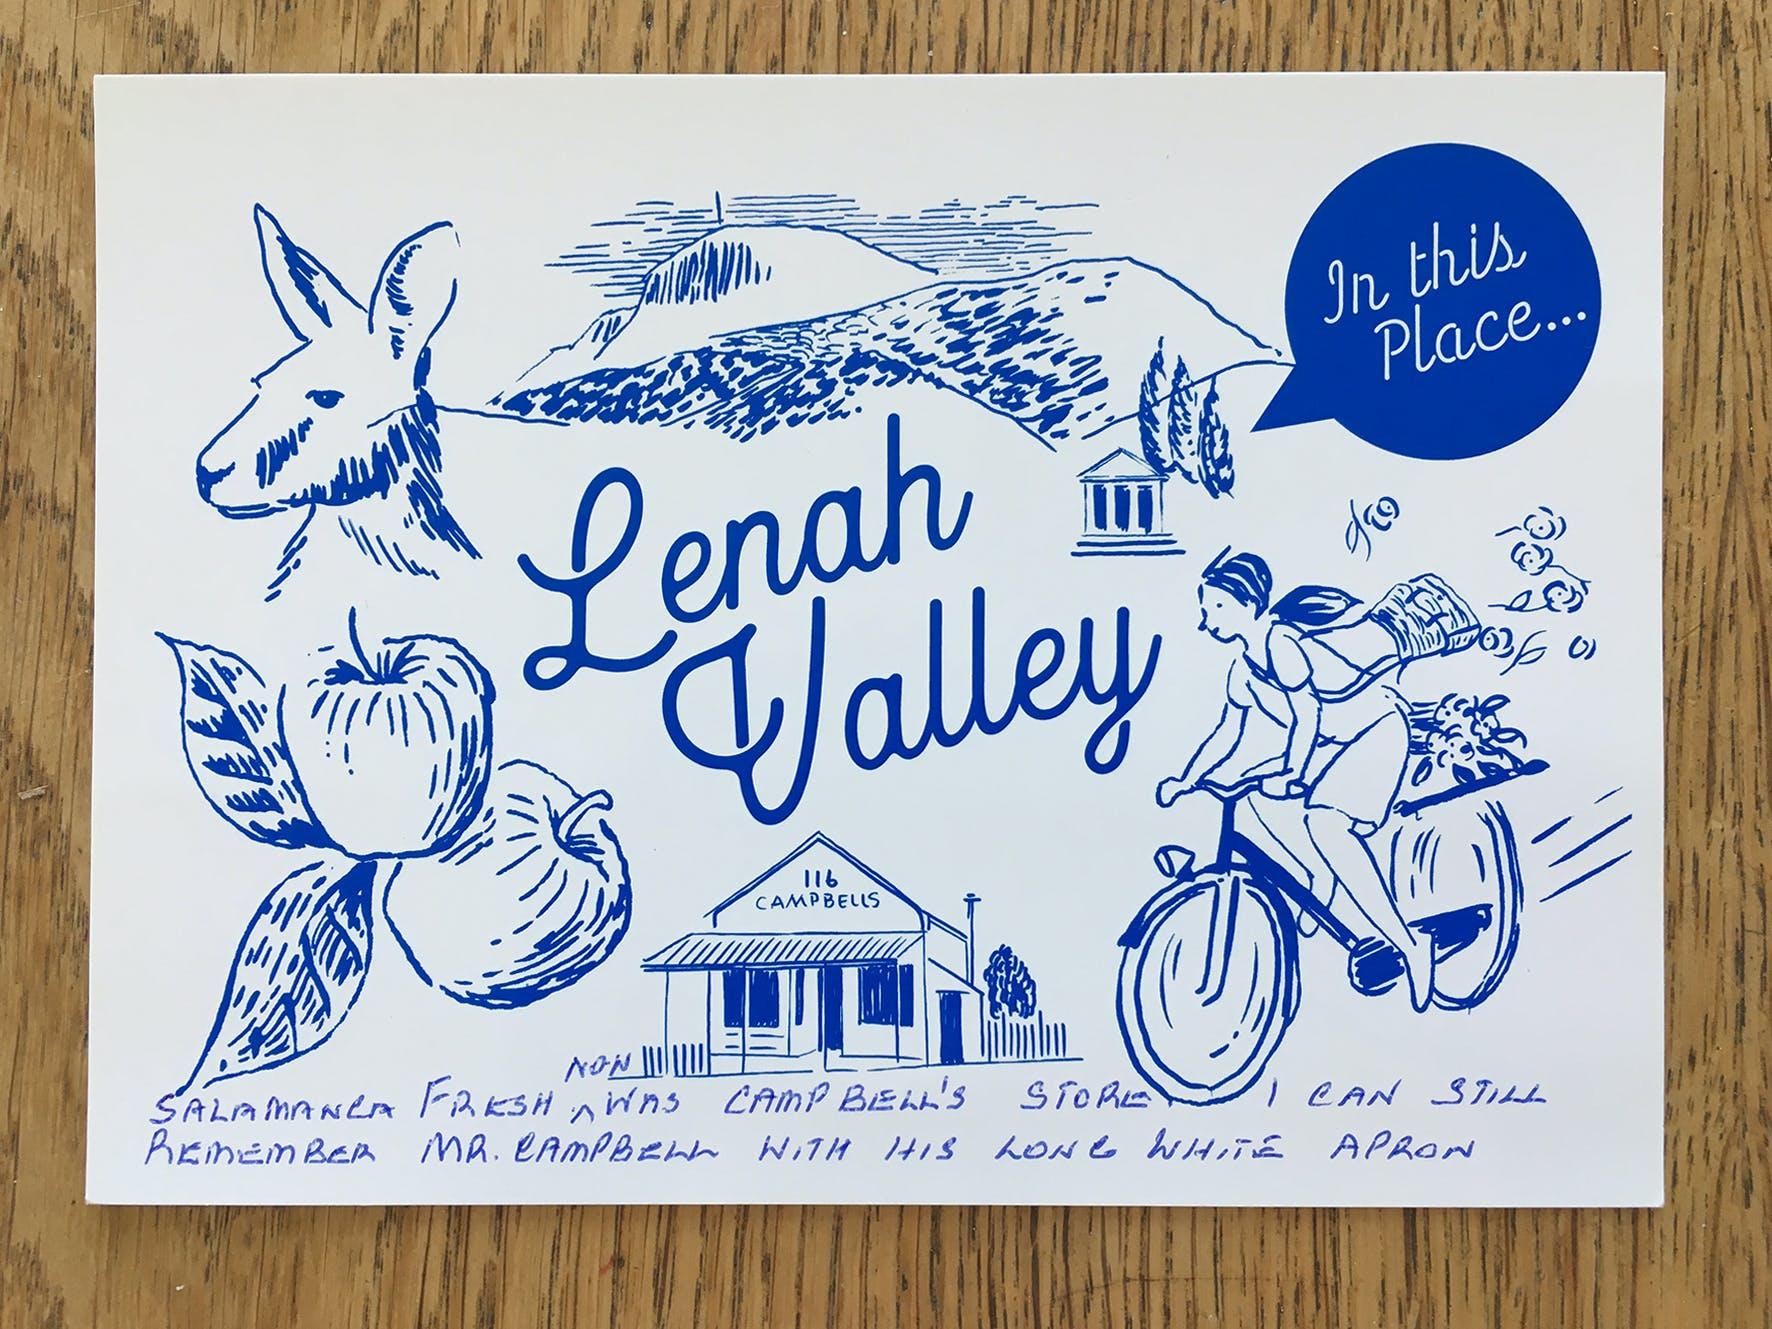 LV_postcard_campbells